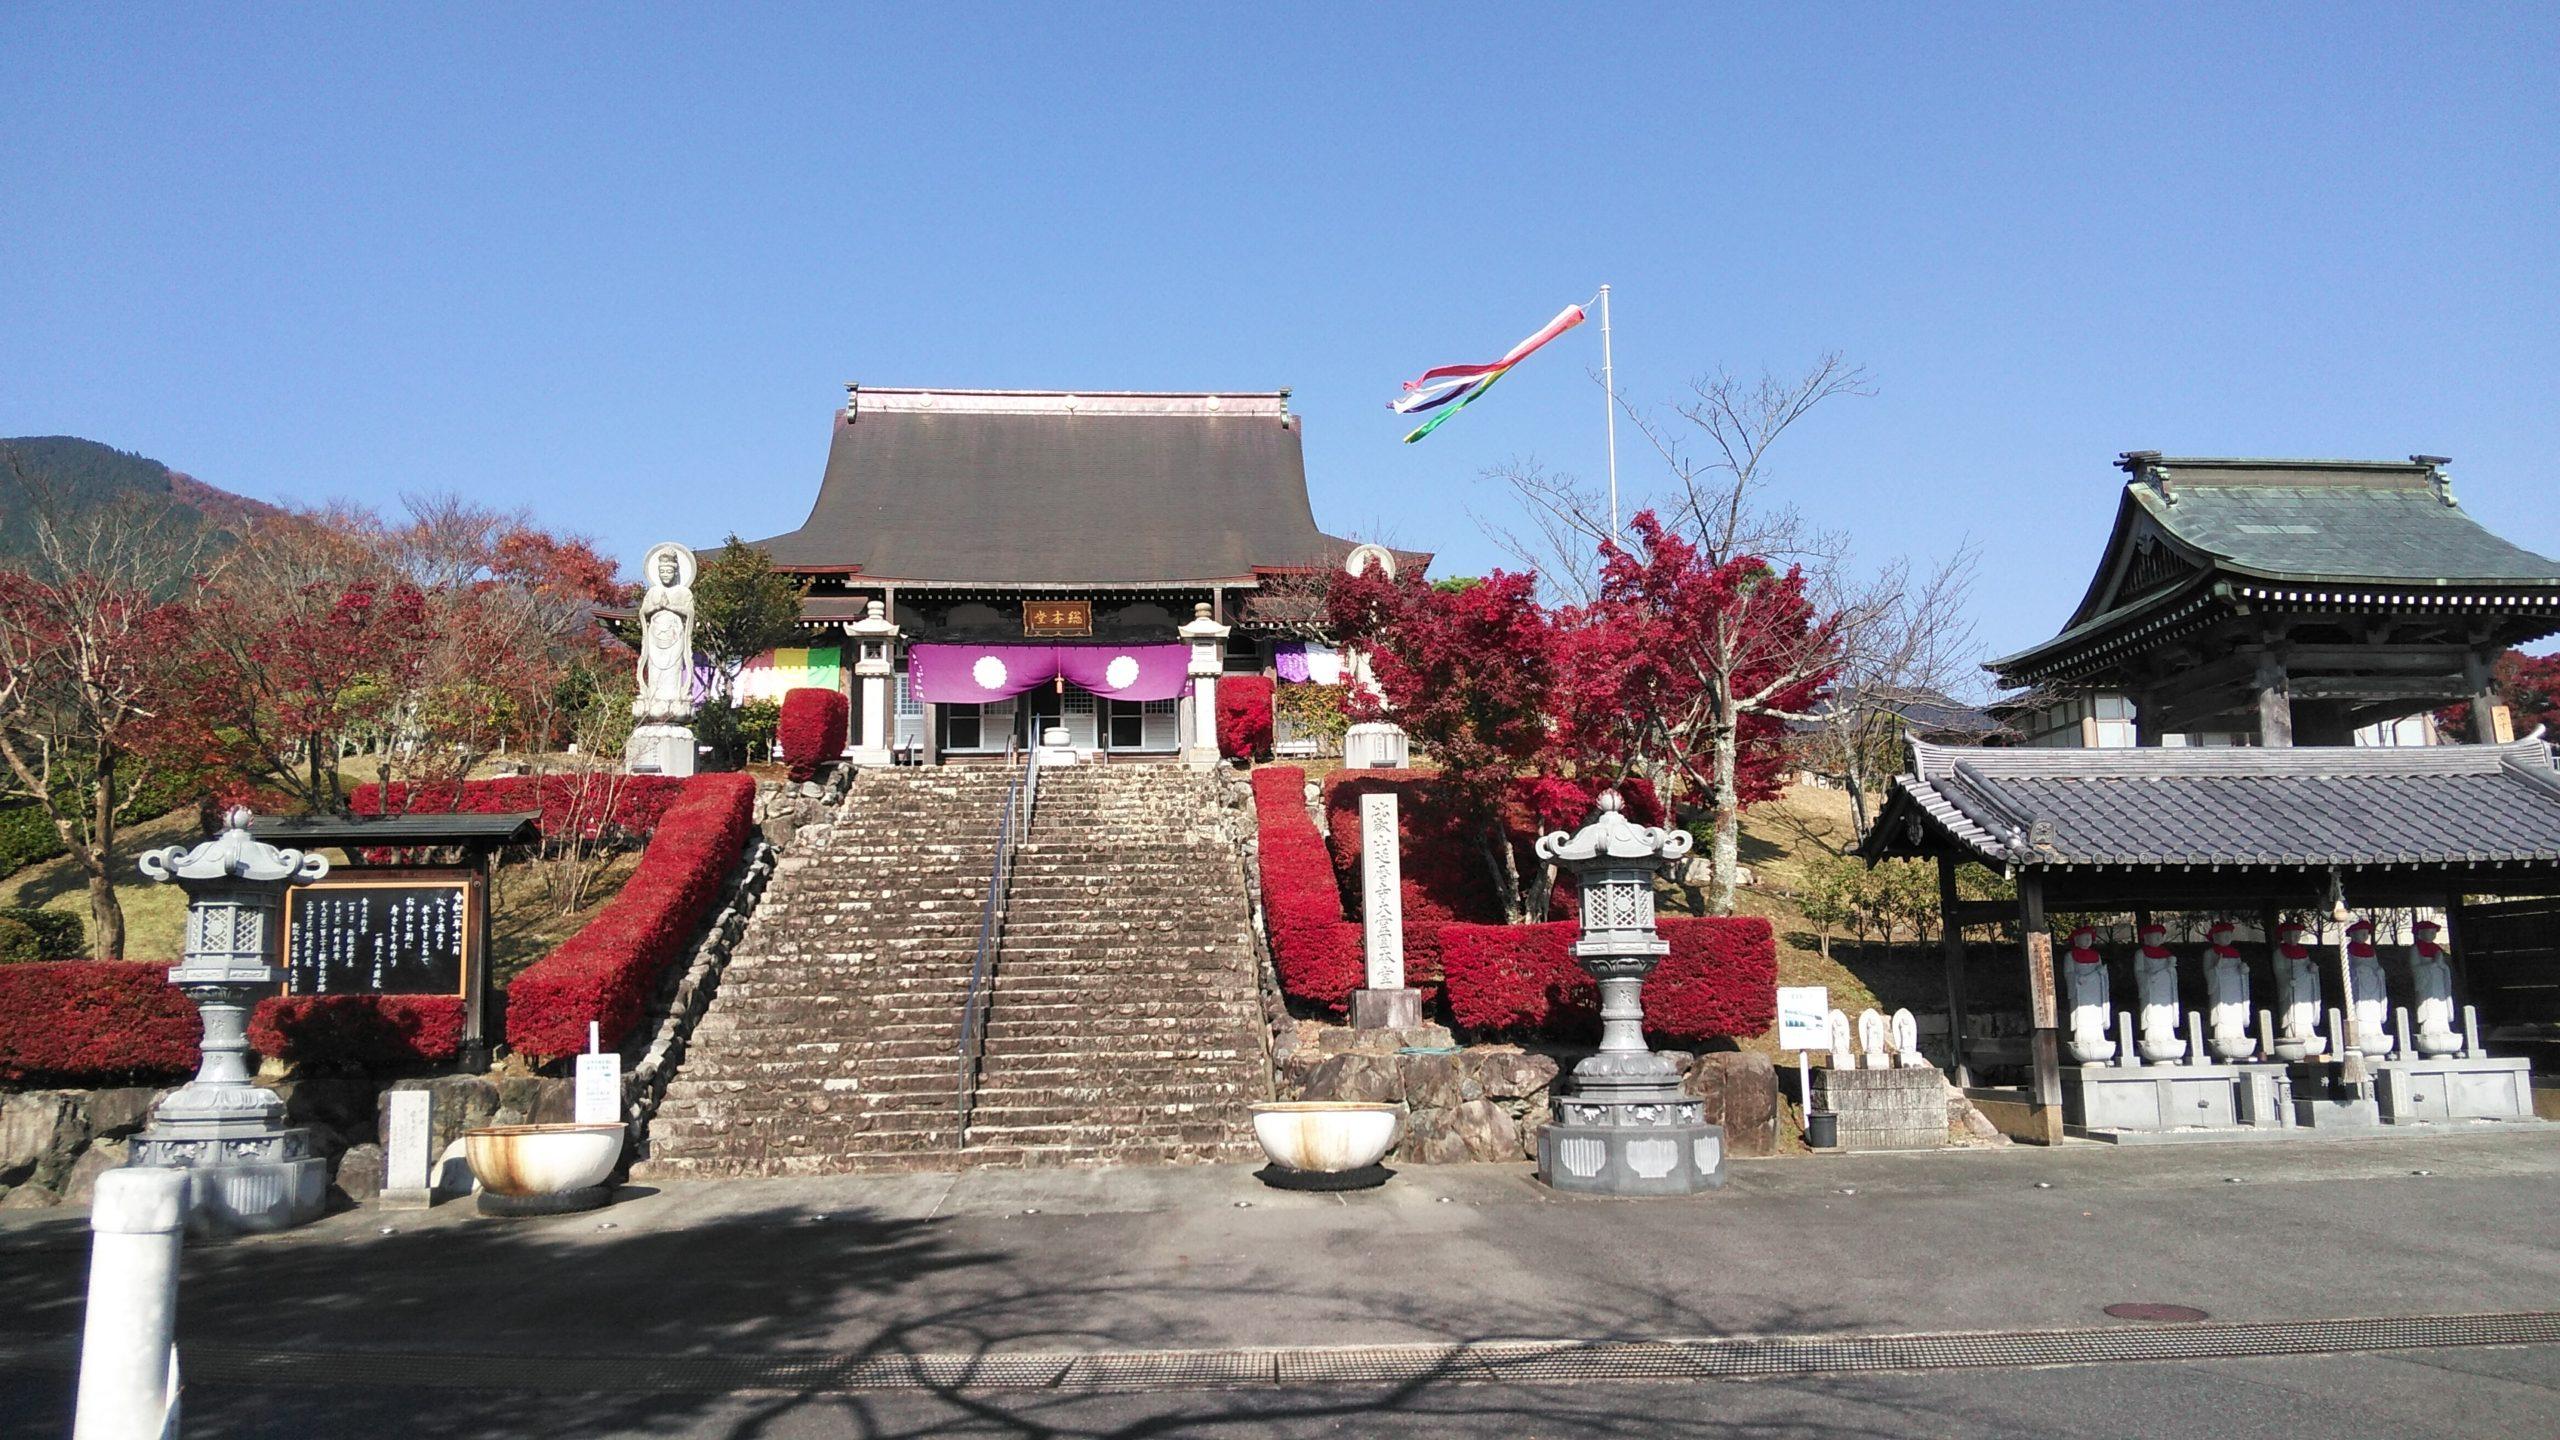 比叡山延暦寺大霊園とは